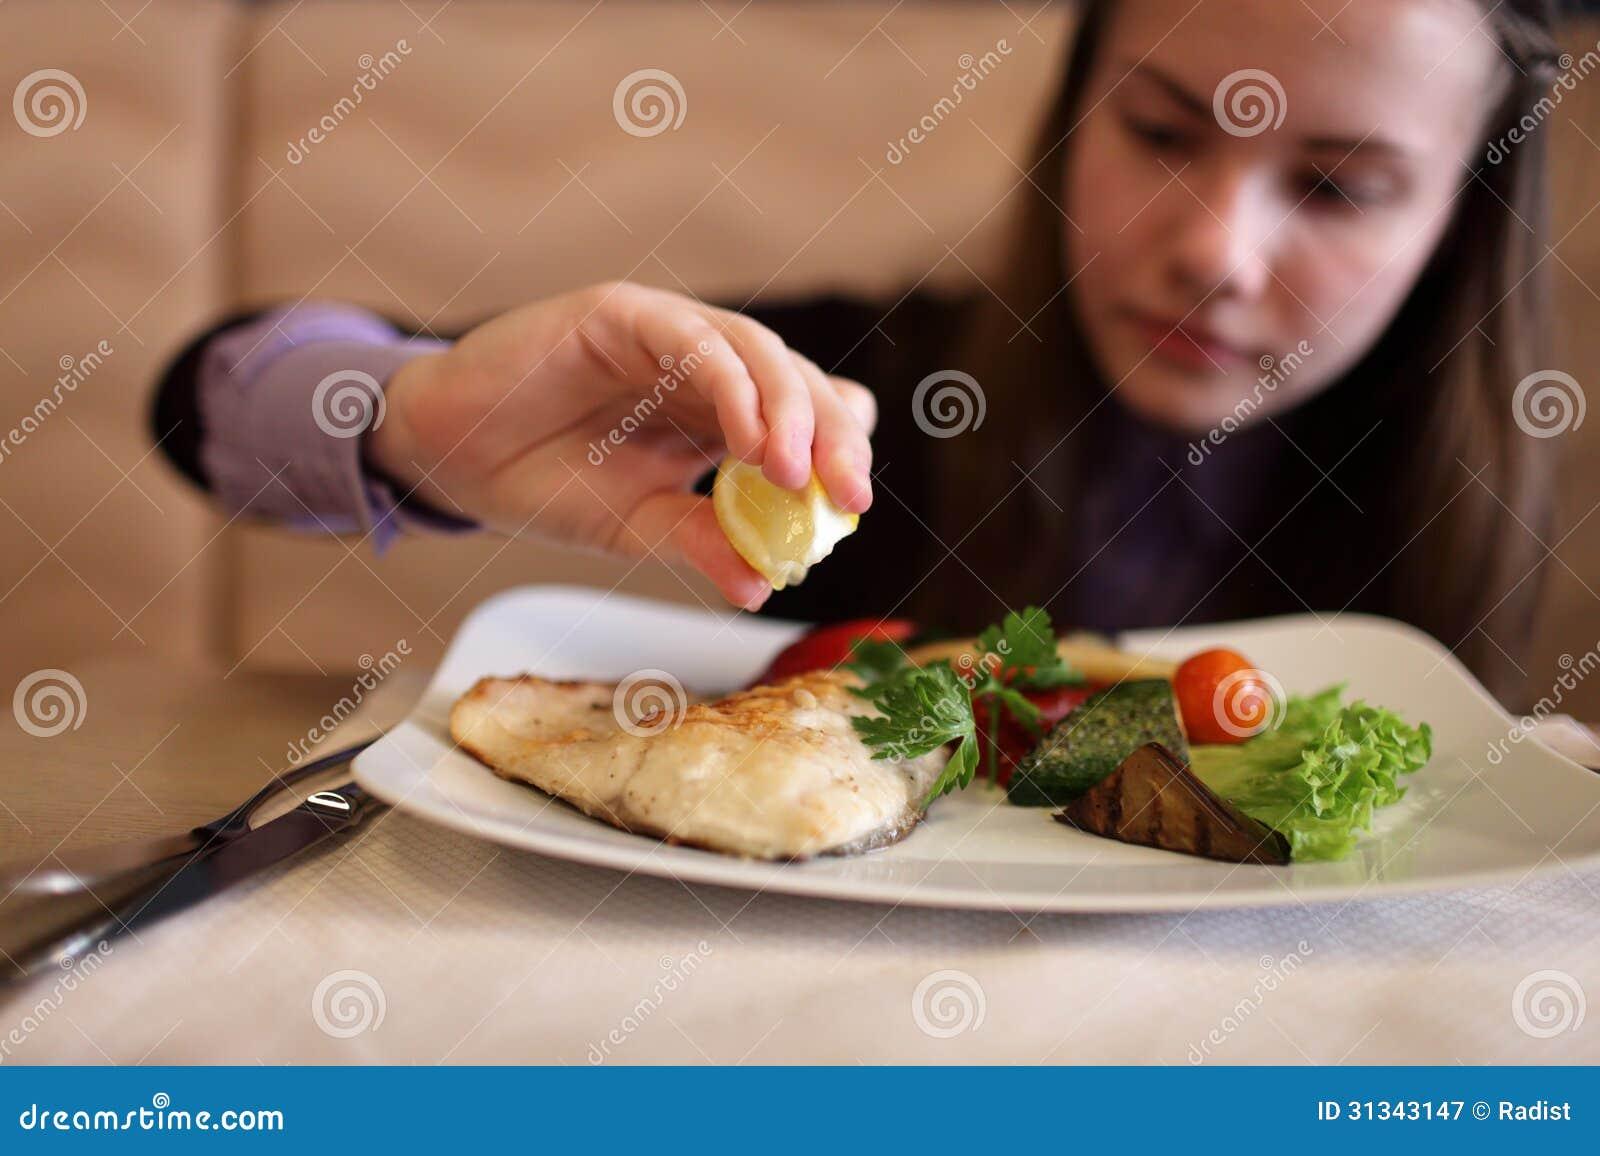 Можно ли есть сырники на диете? - Консультация диетолога